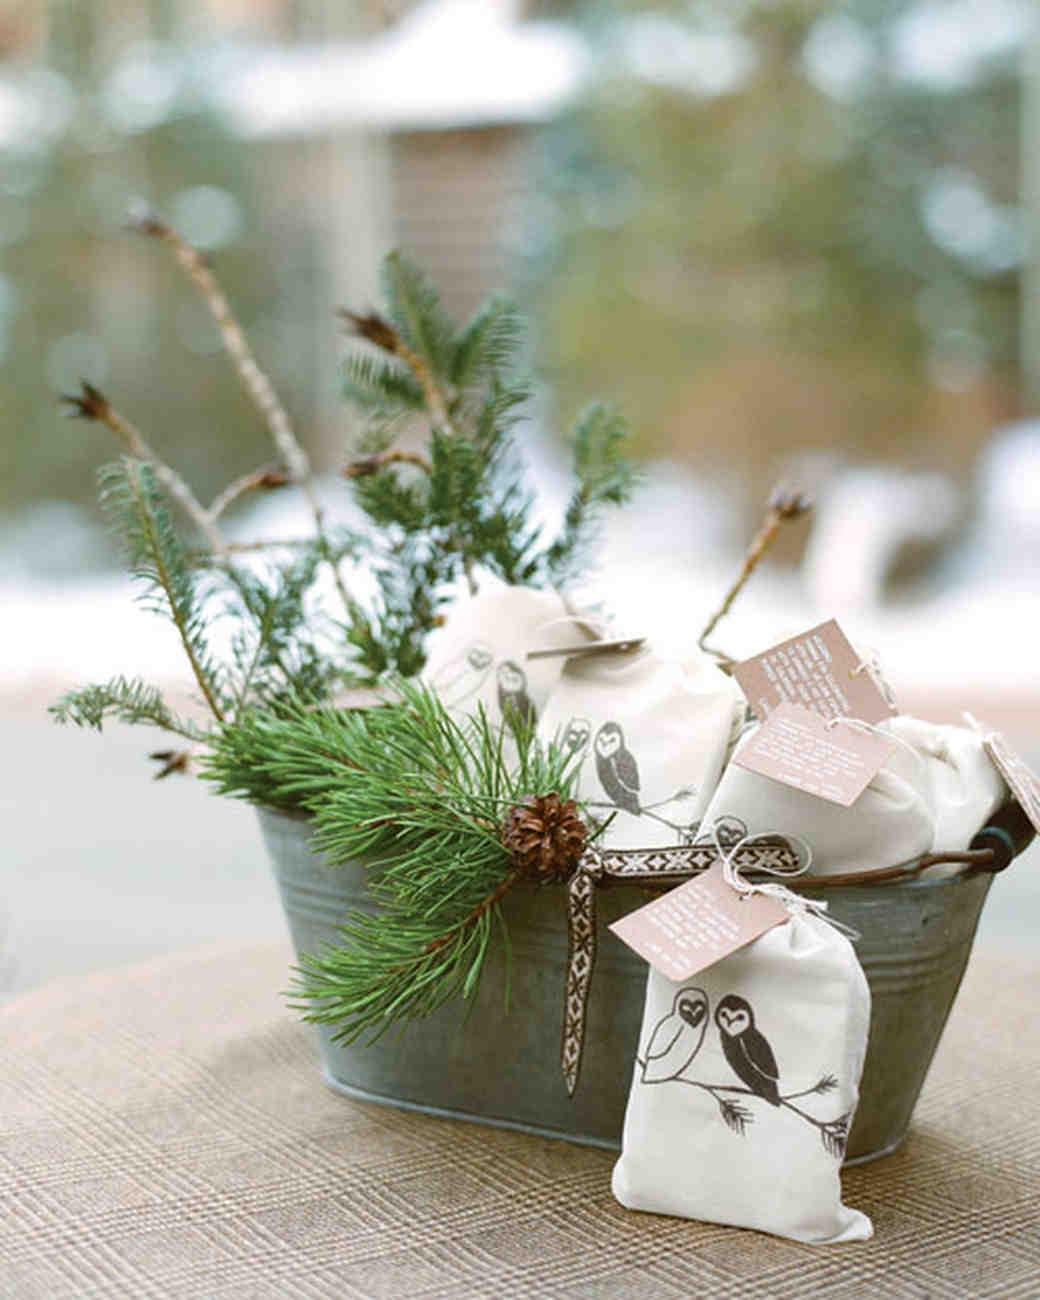 Destination Wedding Gift Ideas: A Rustic Winter Destination Wedding In Colorado